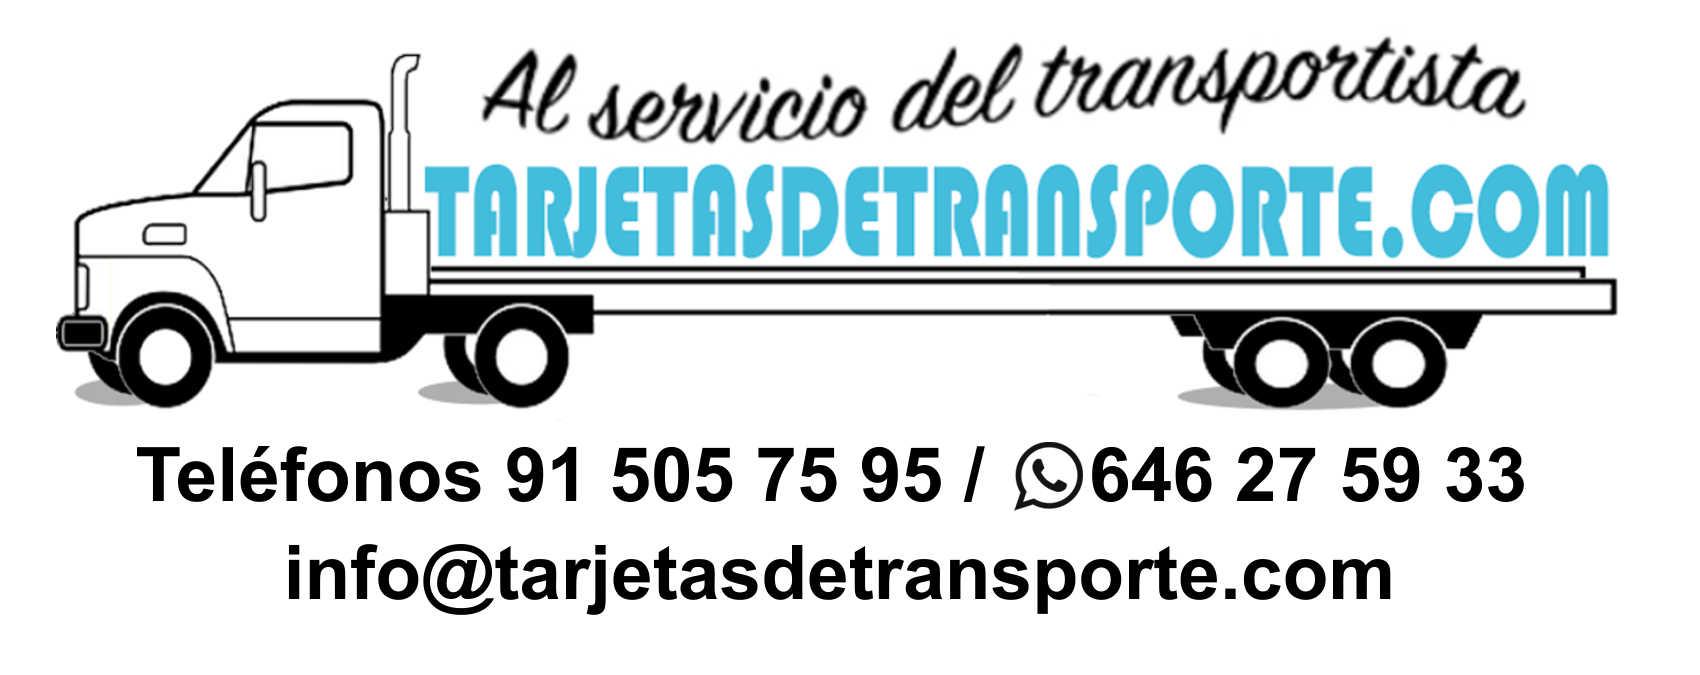 Contacto Tarjetas de Transporte